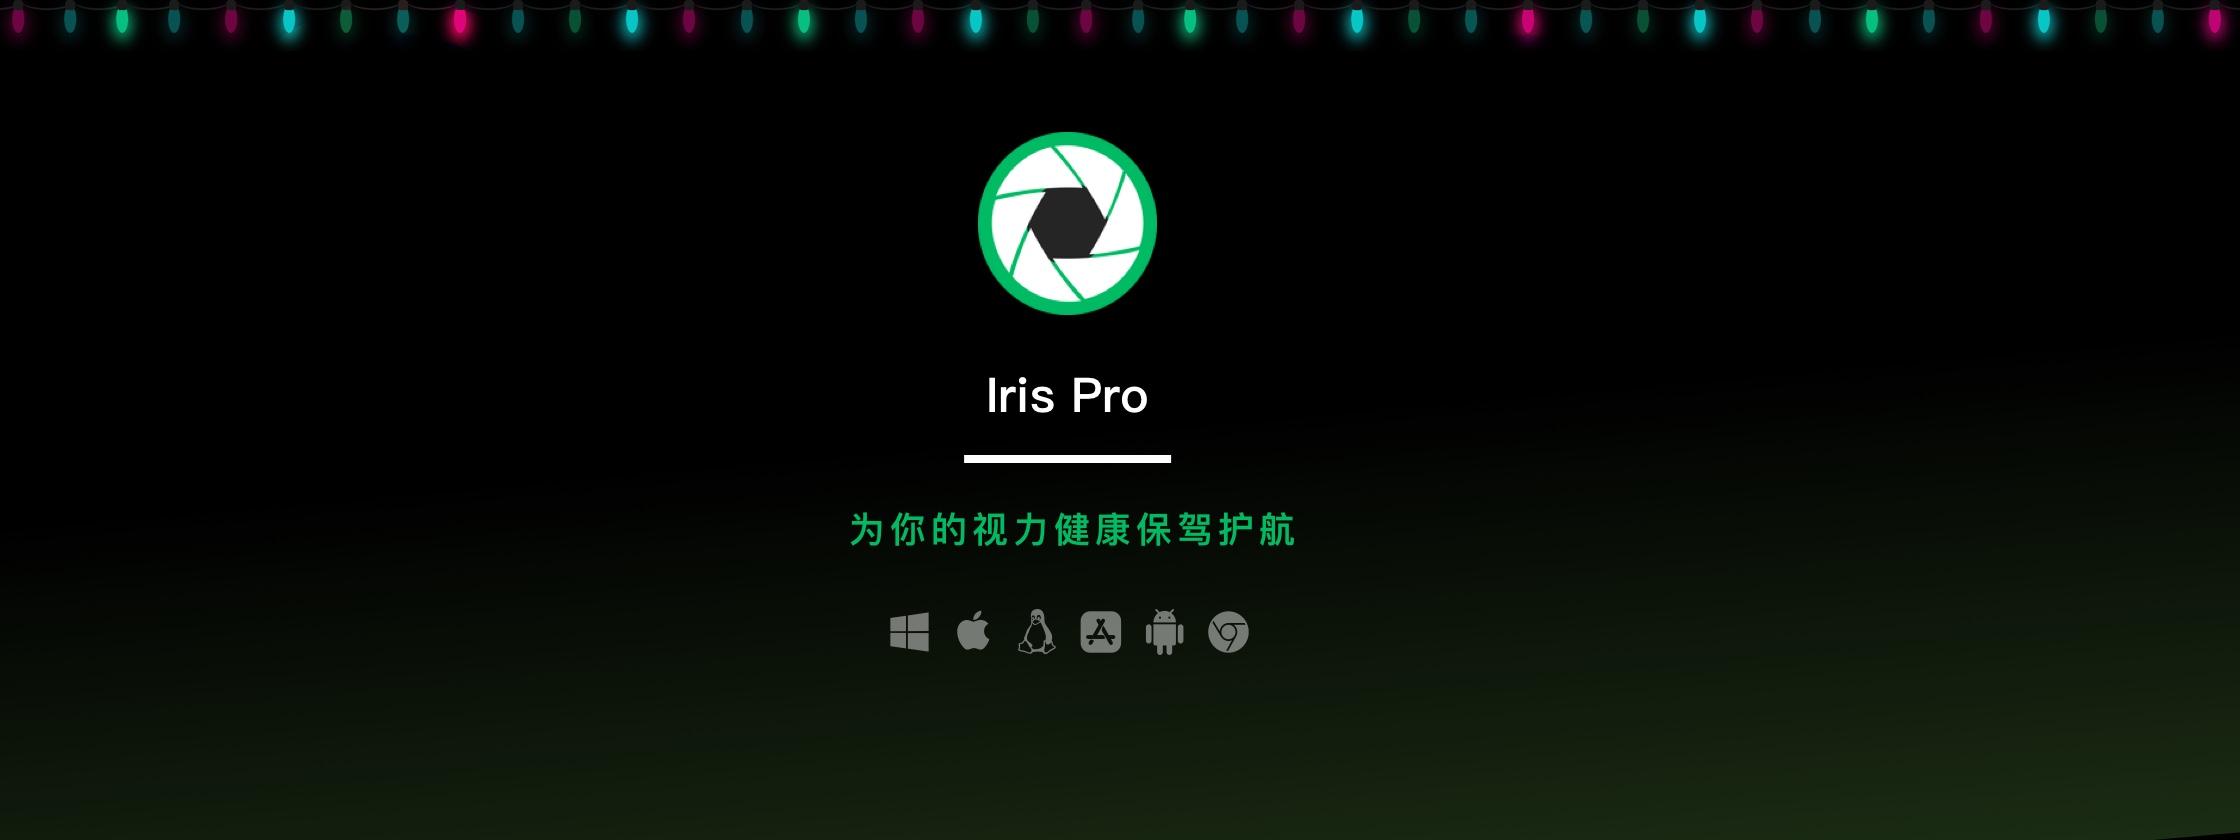 Iris Pro,为你的视力健康保驾护航